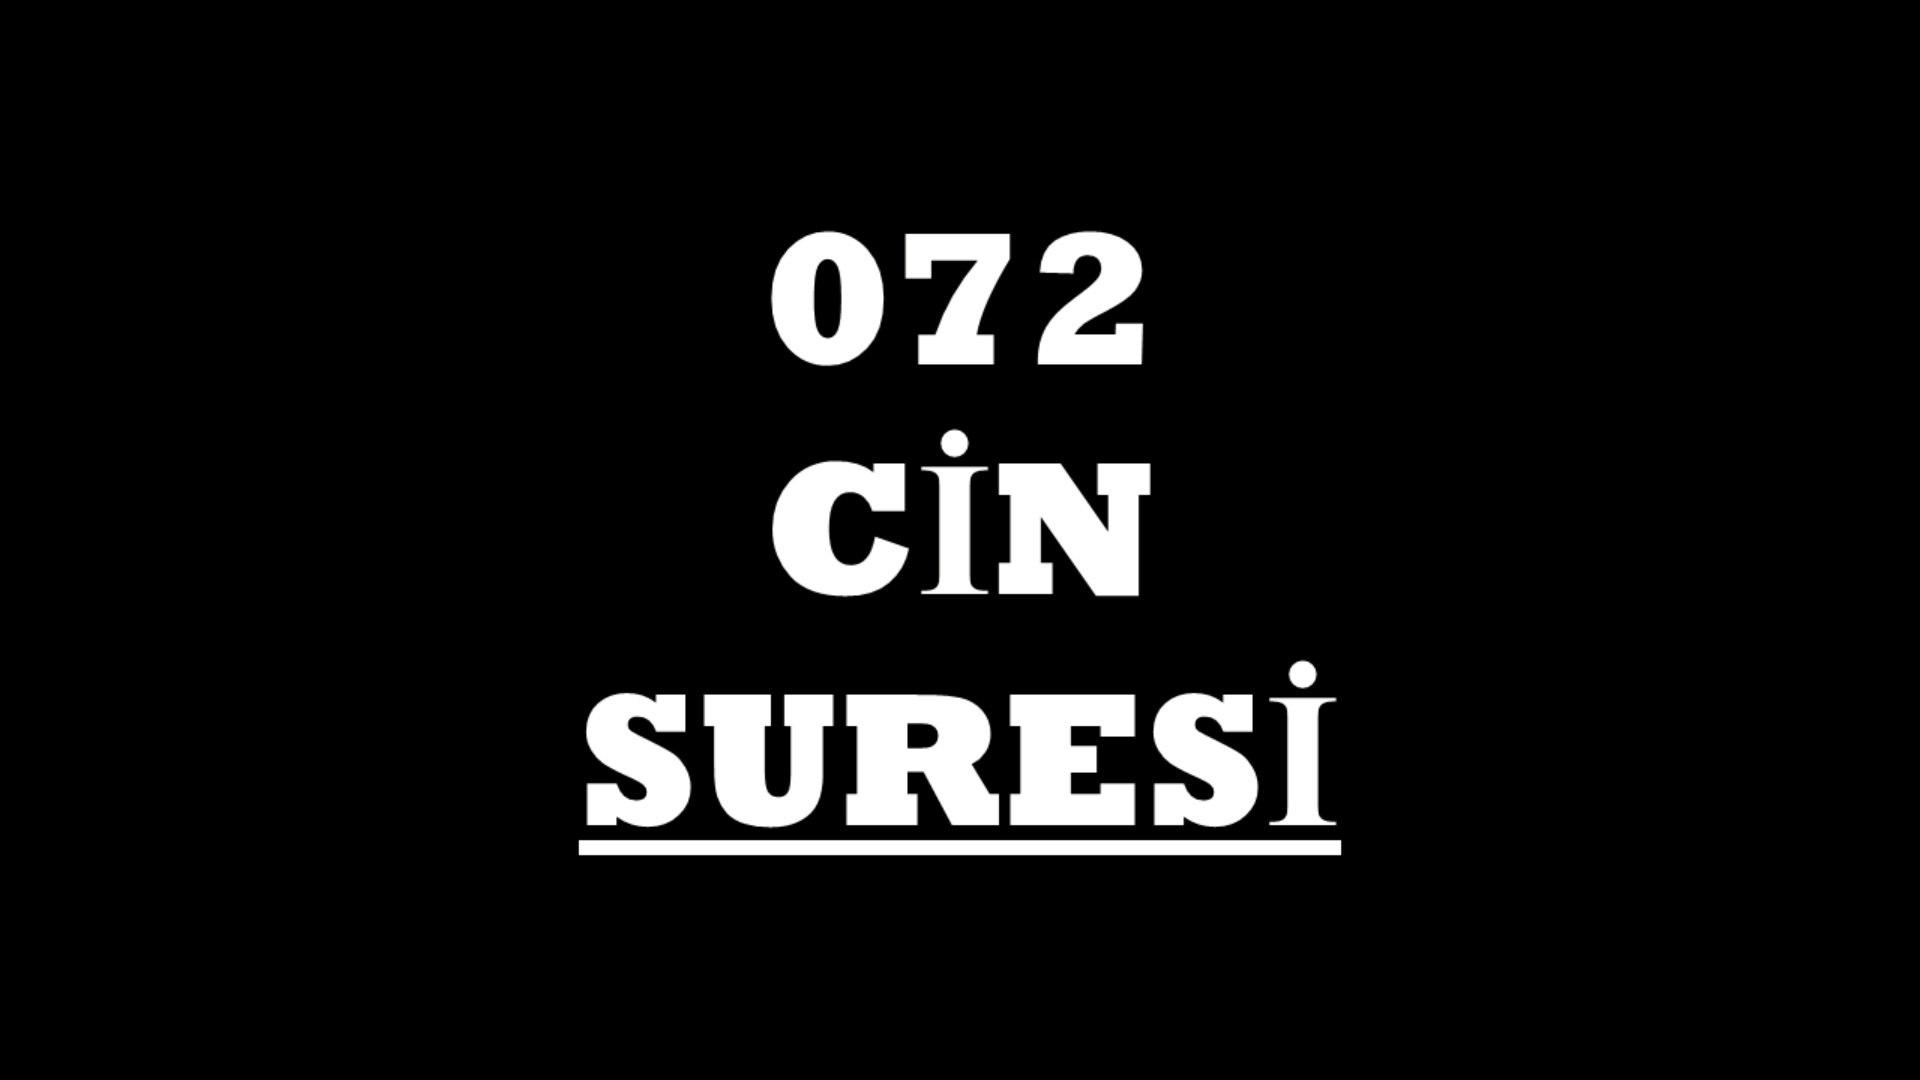 072 Cin Suresi Türkçe